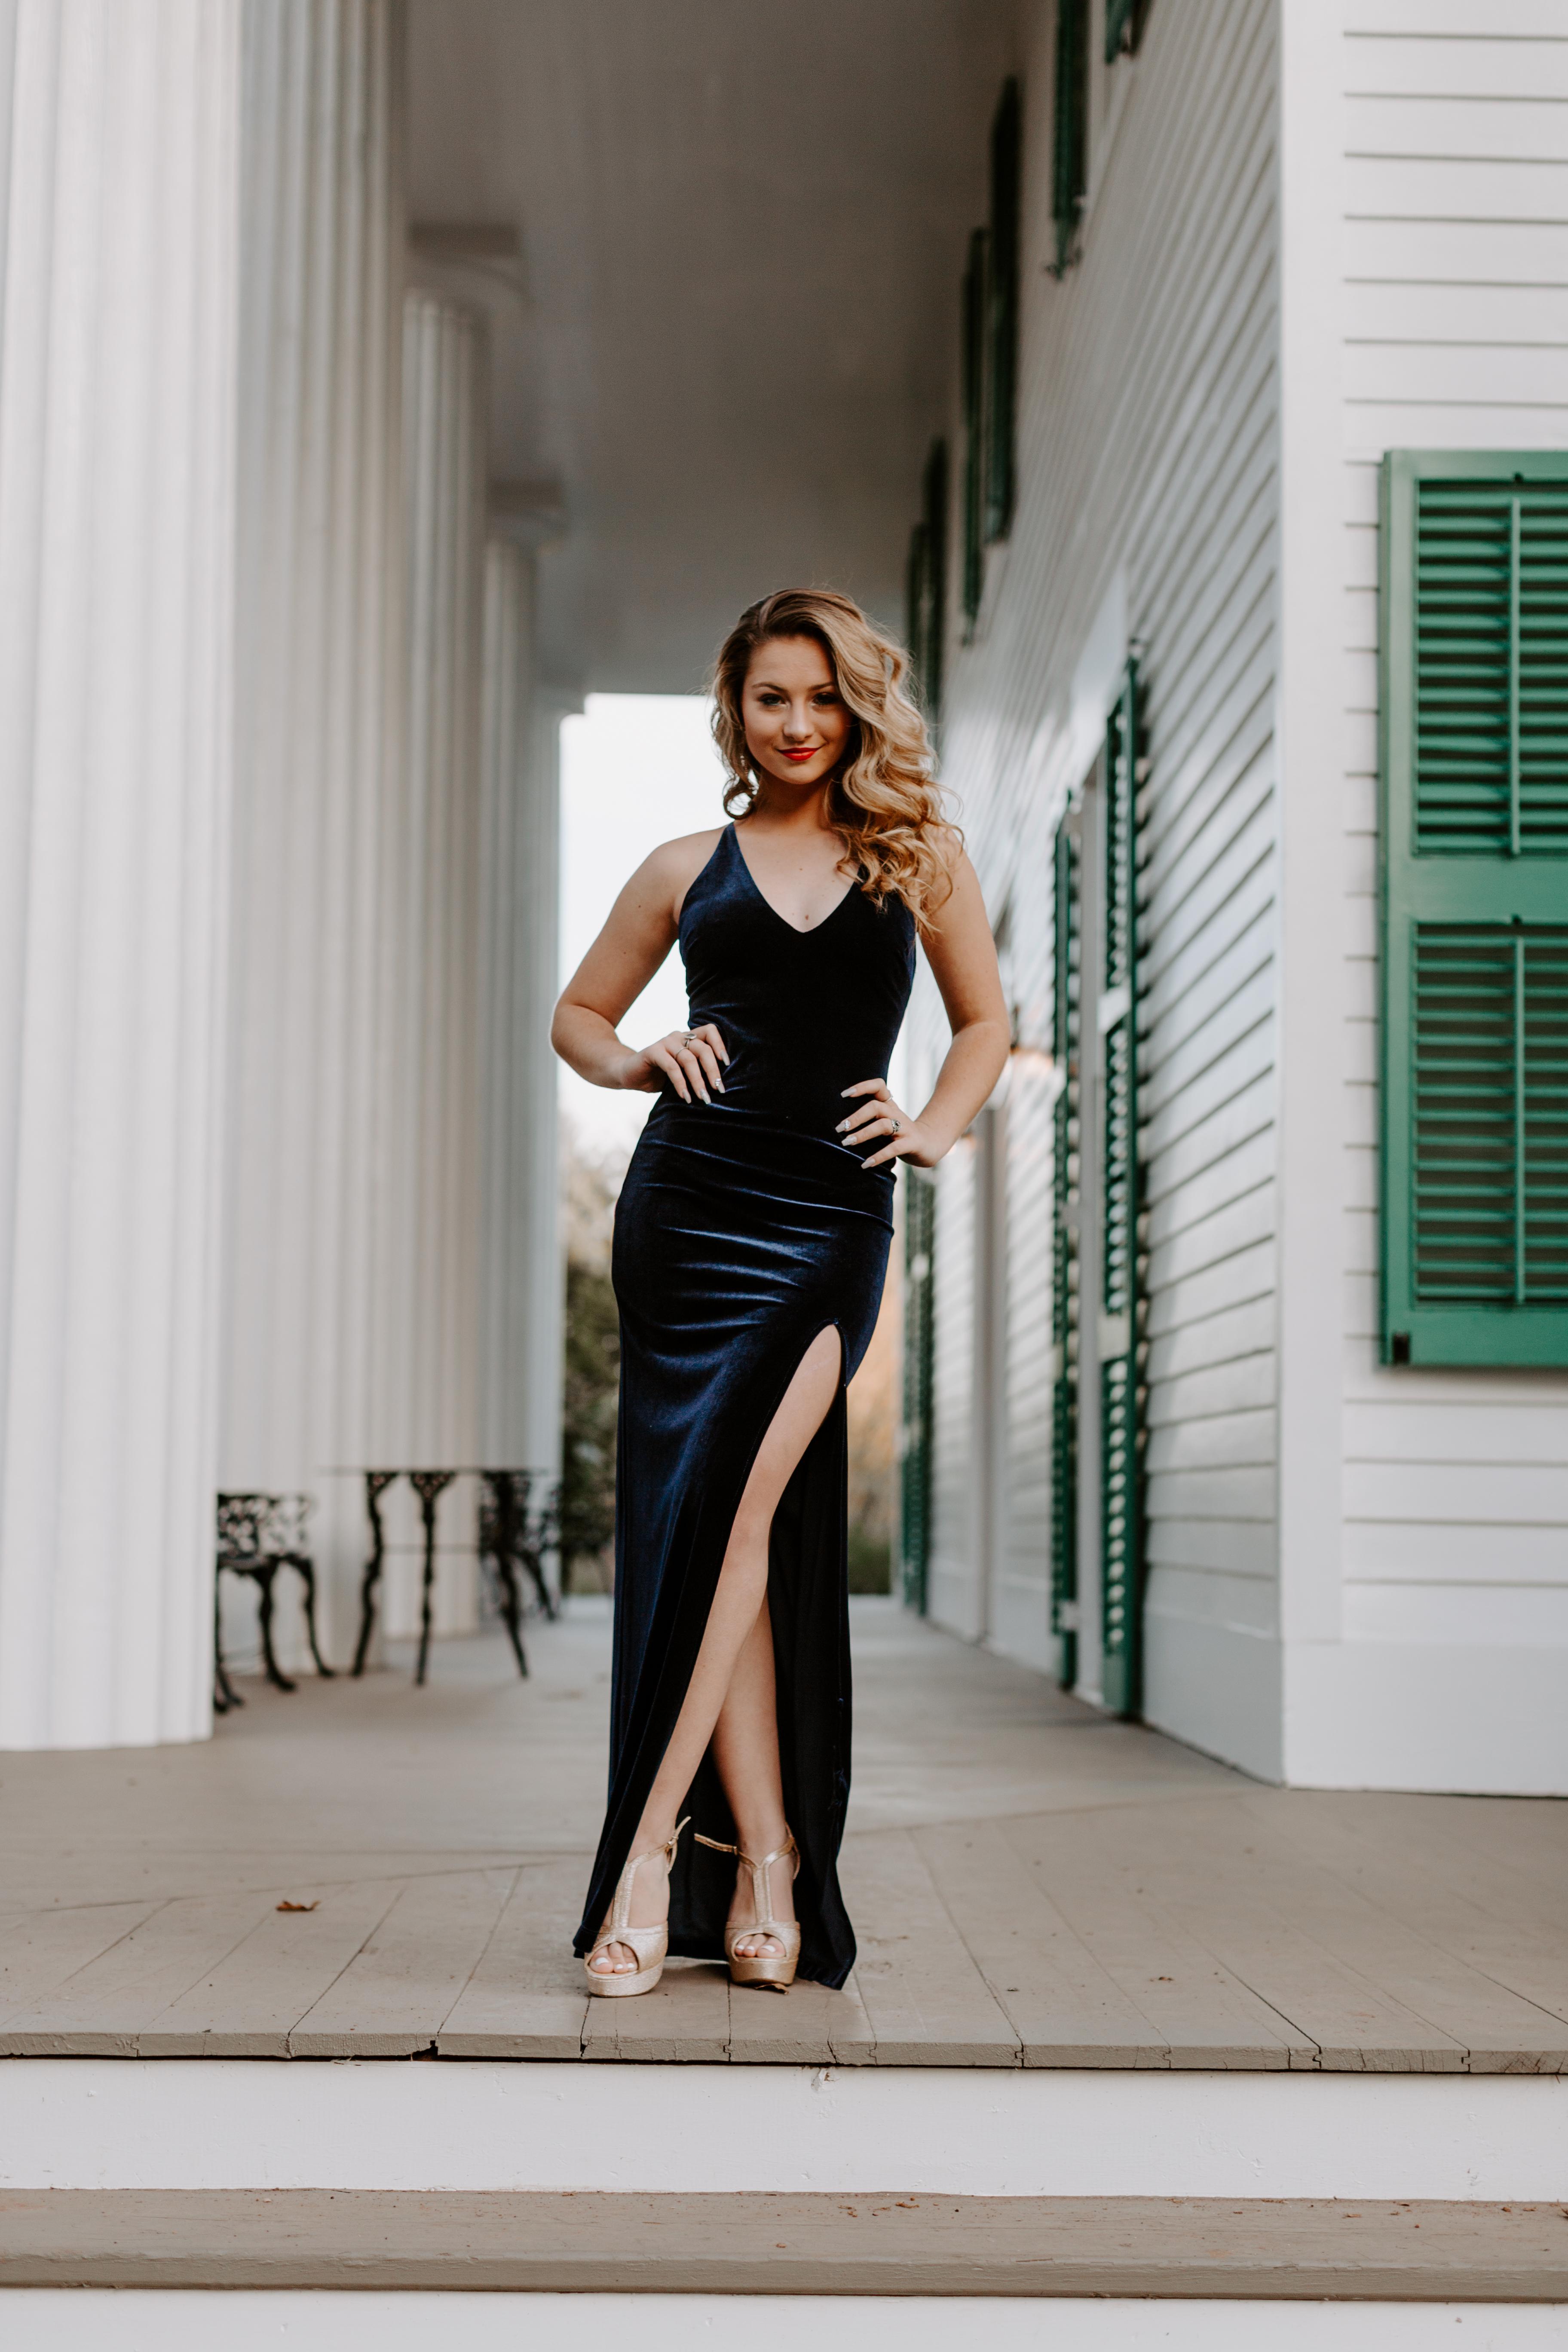 Fiona A. wedding dress blue backlit golden hour idea inspiration pose slit dress elopment golden hair brides dress field fence garden